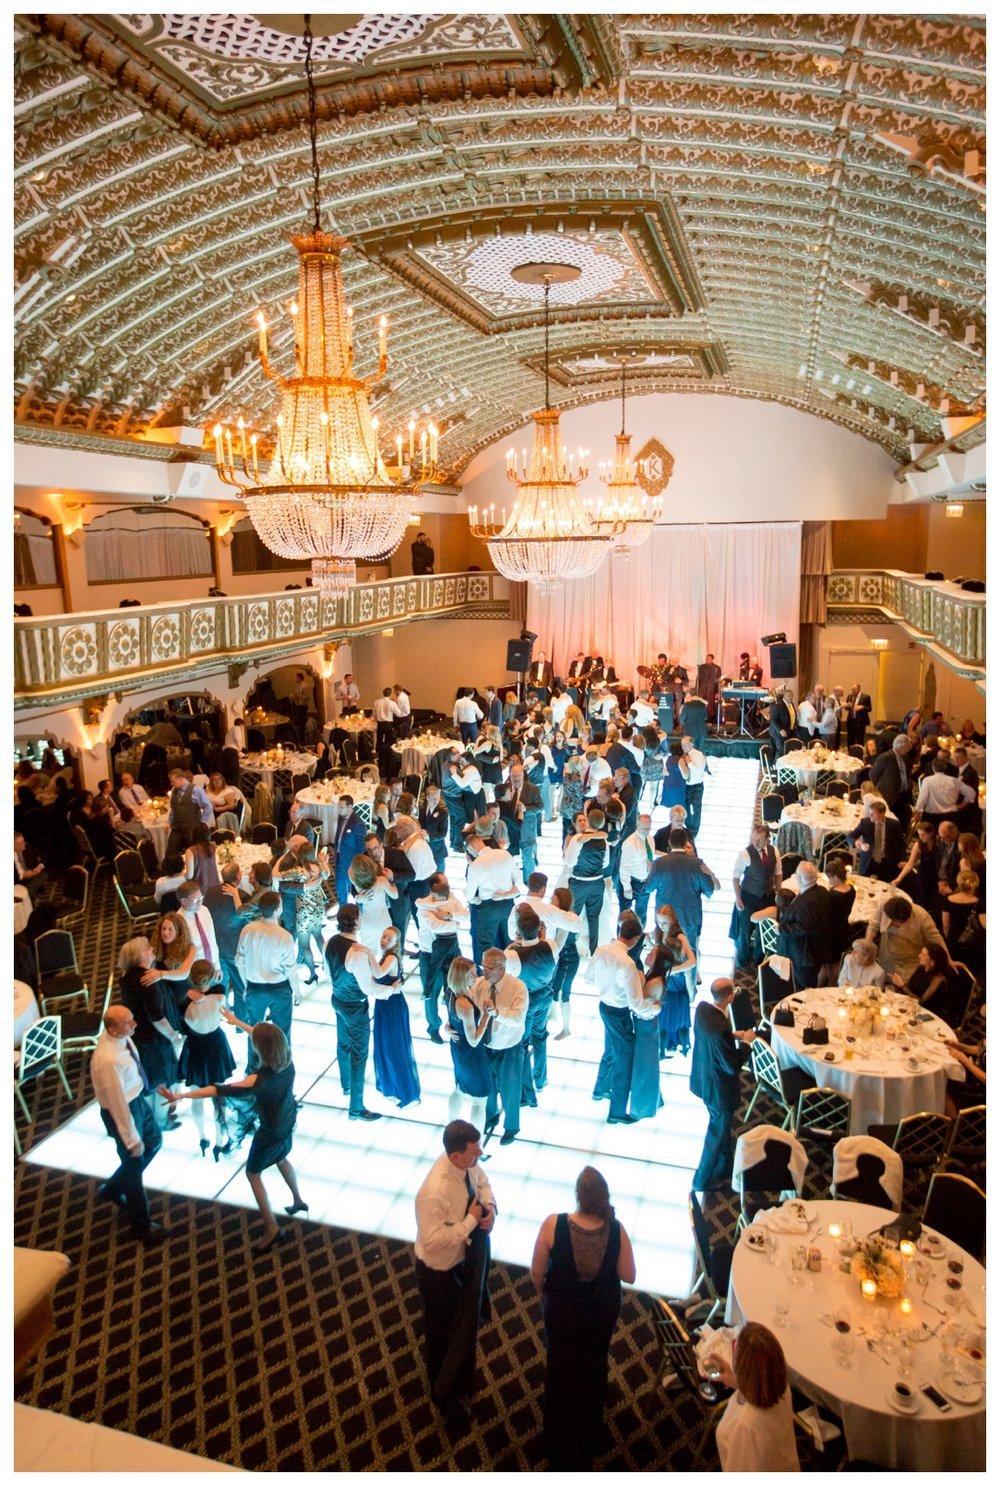 millenium_knickerbocker_wedding_0030.jpg